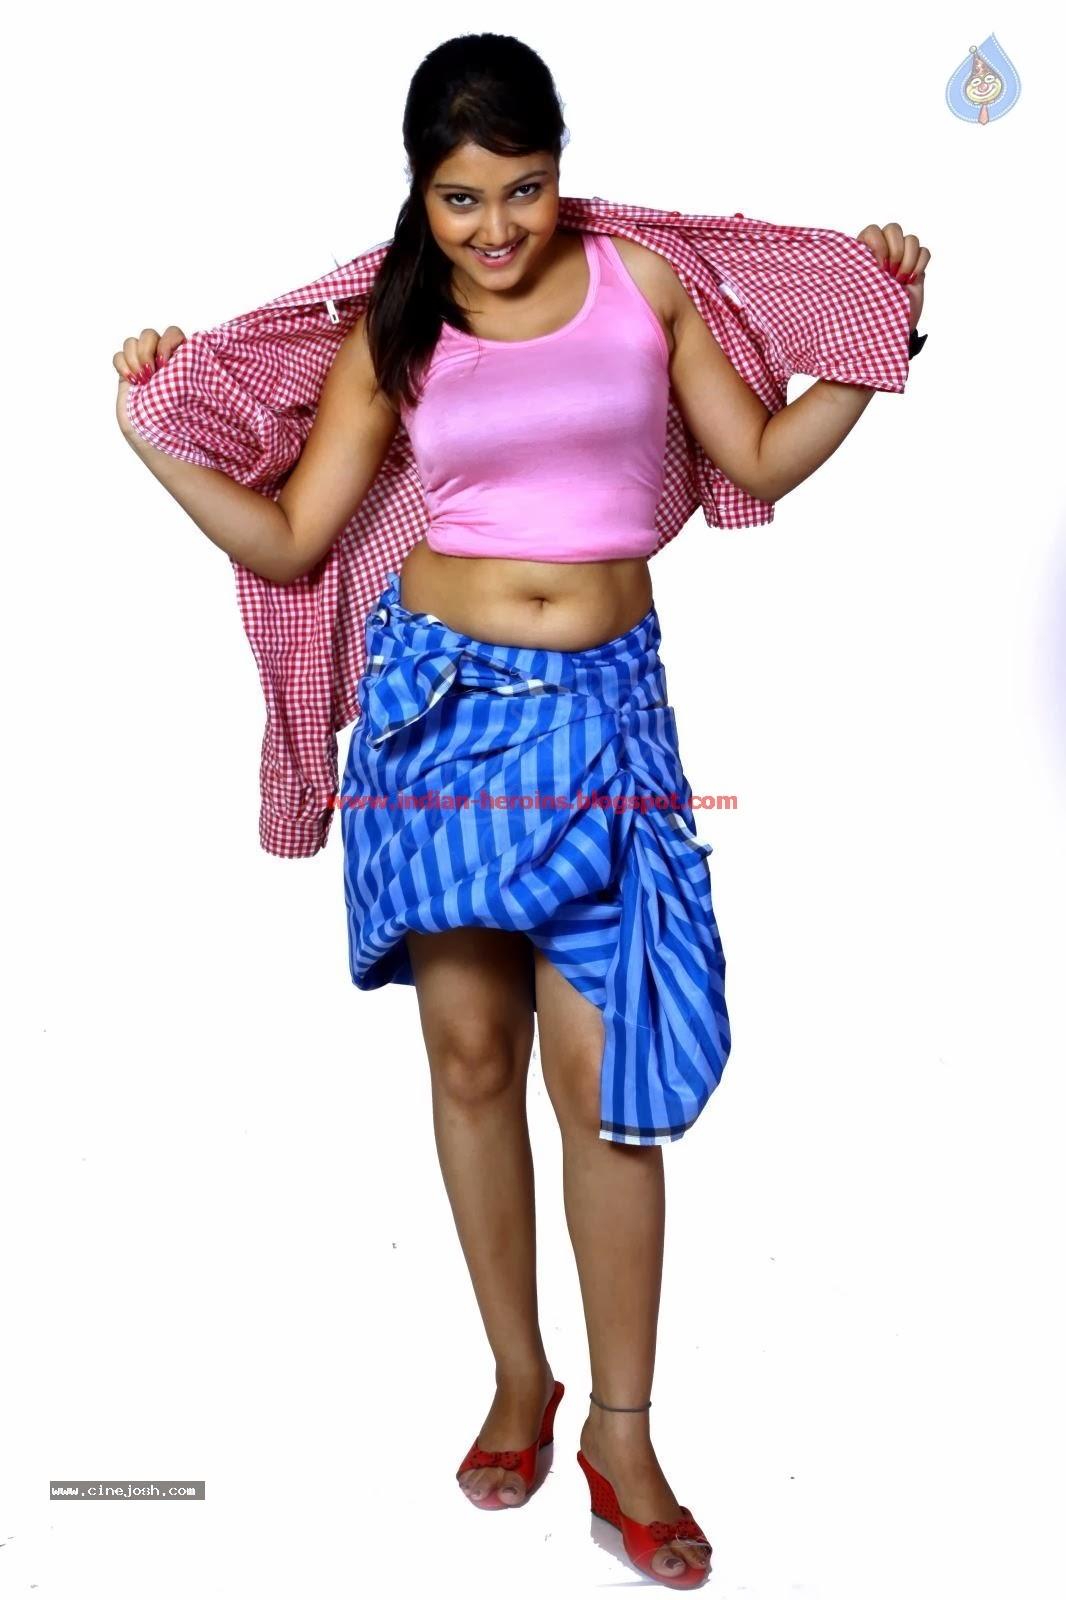 Telugu Tv Actress Priyanka Hot Navel And Boobs Showing -8316